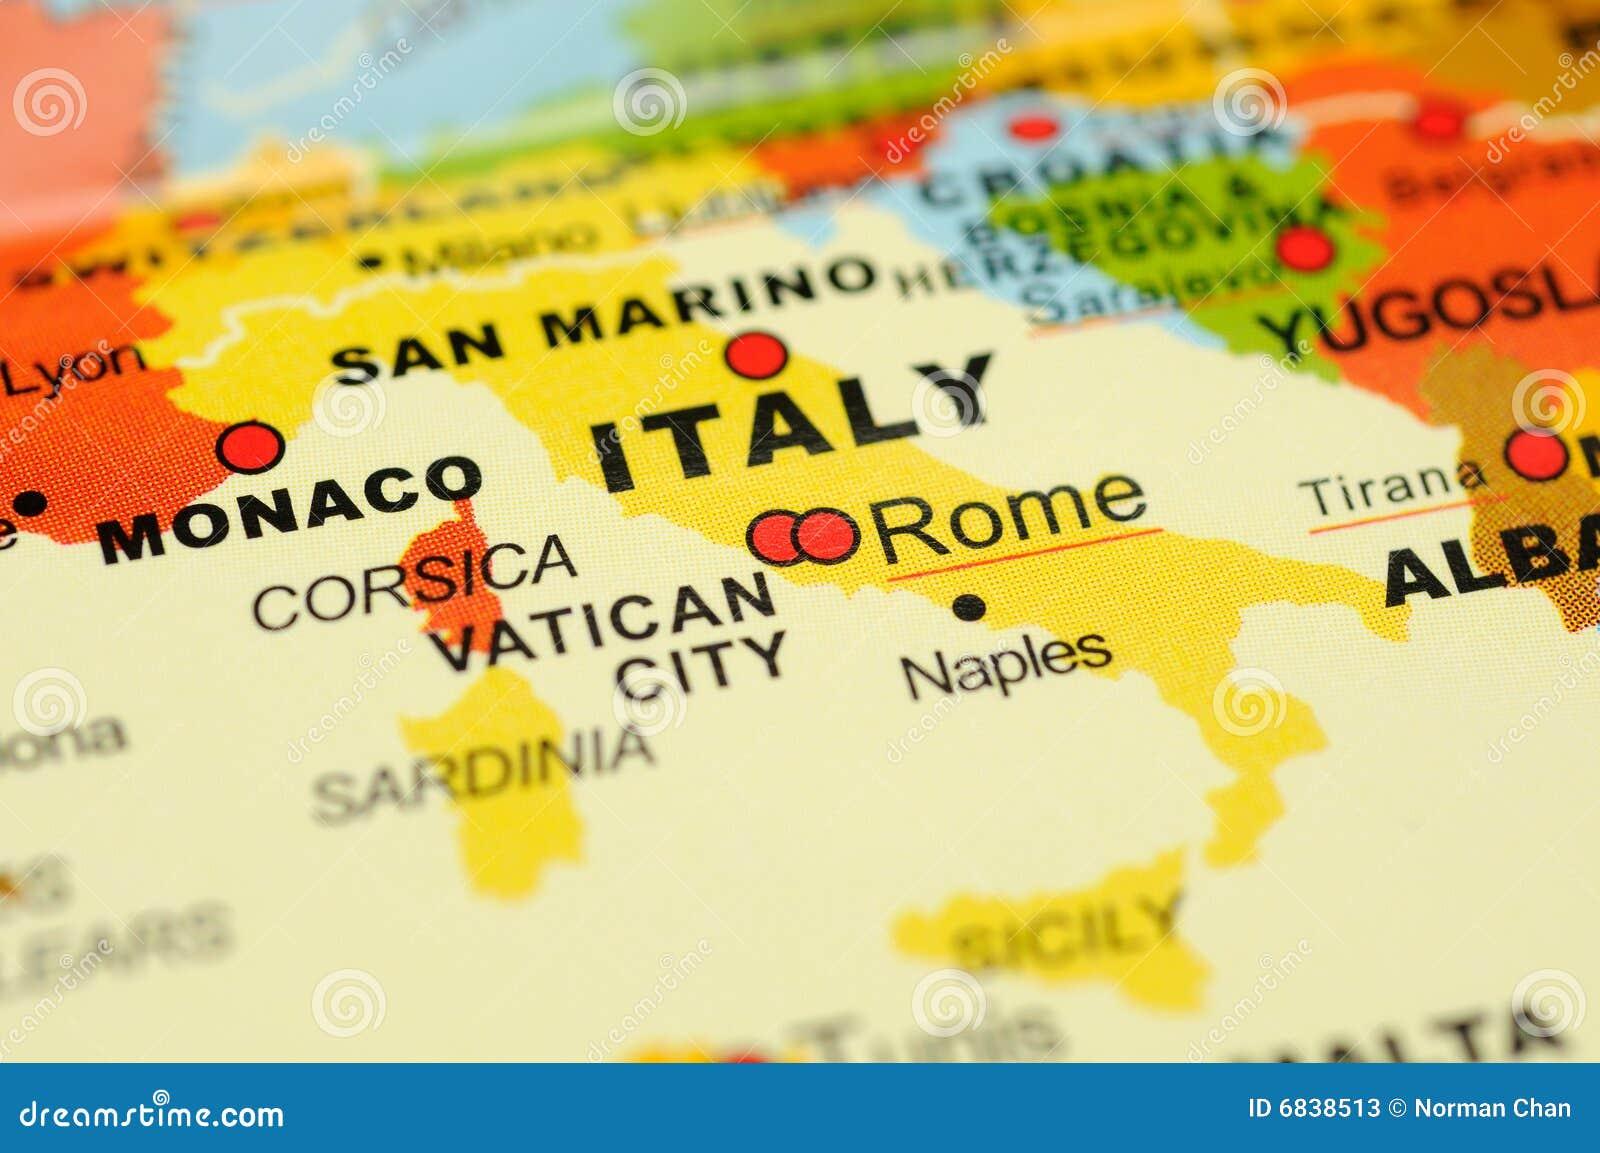 auf italien: